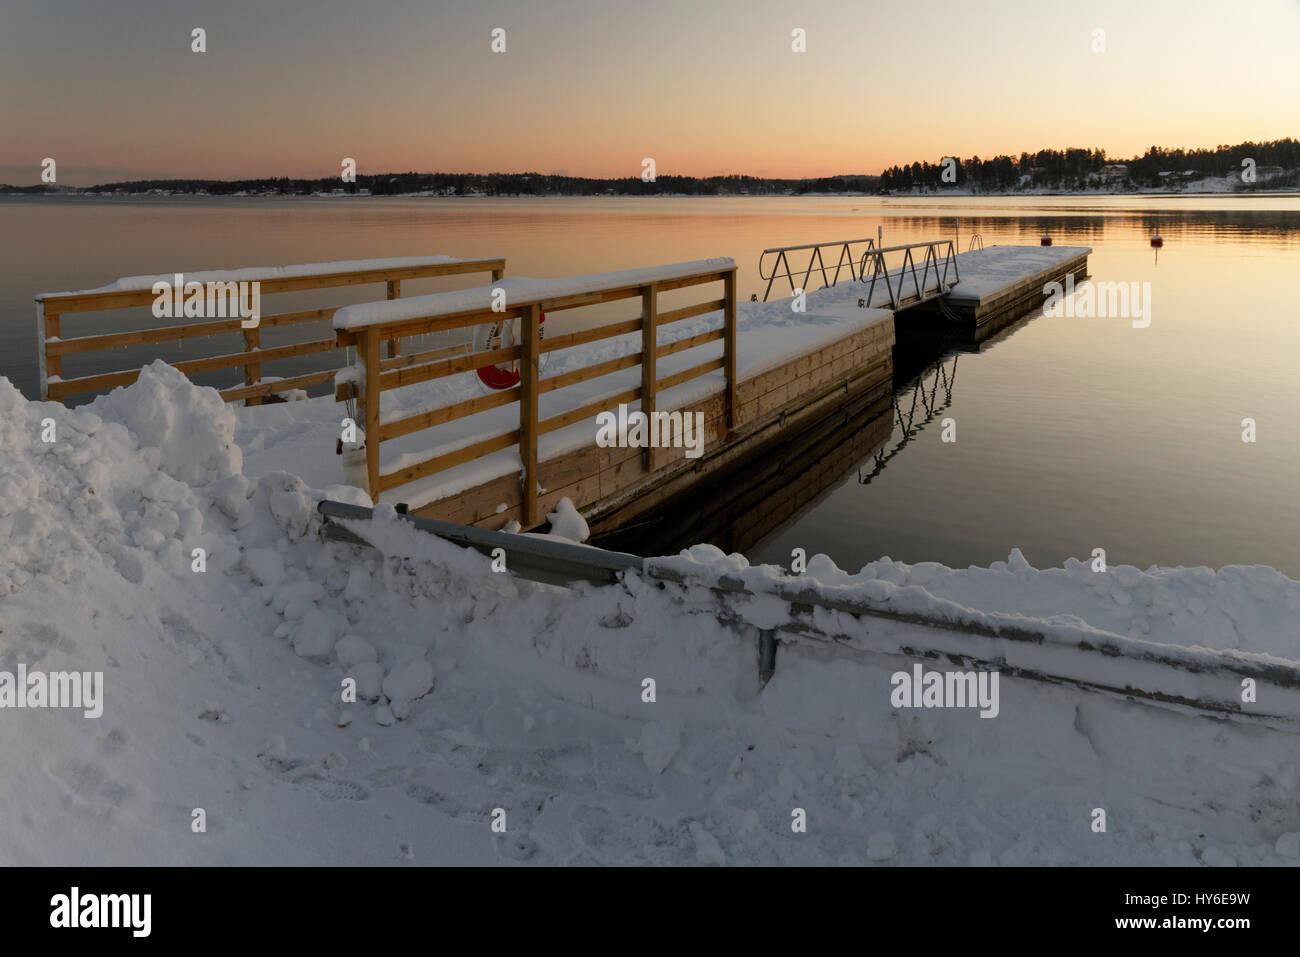 Winter in Österåker - Stock Image